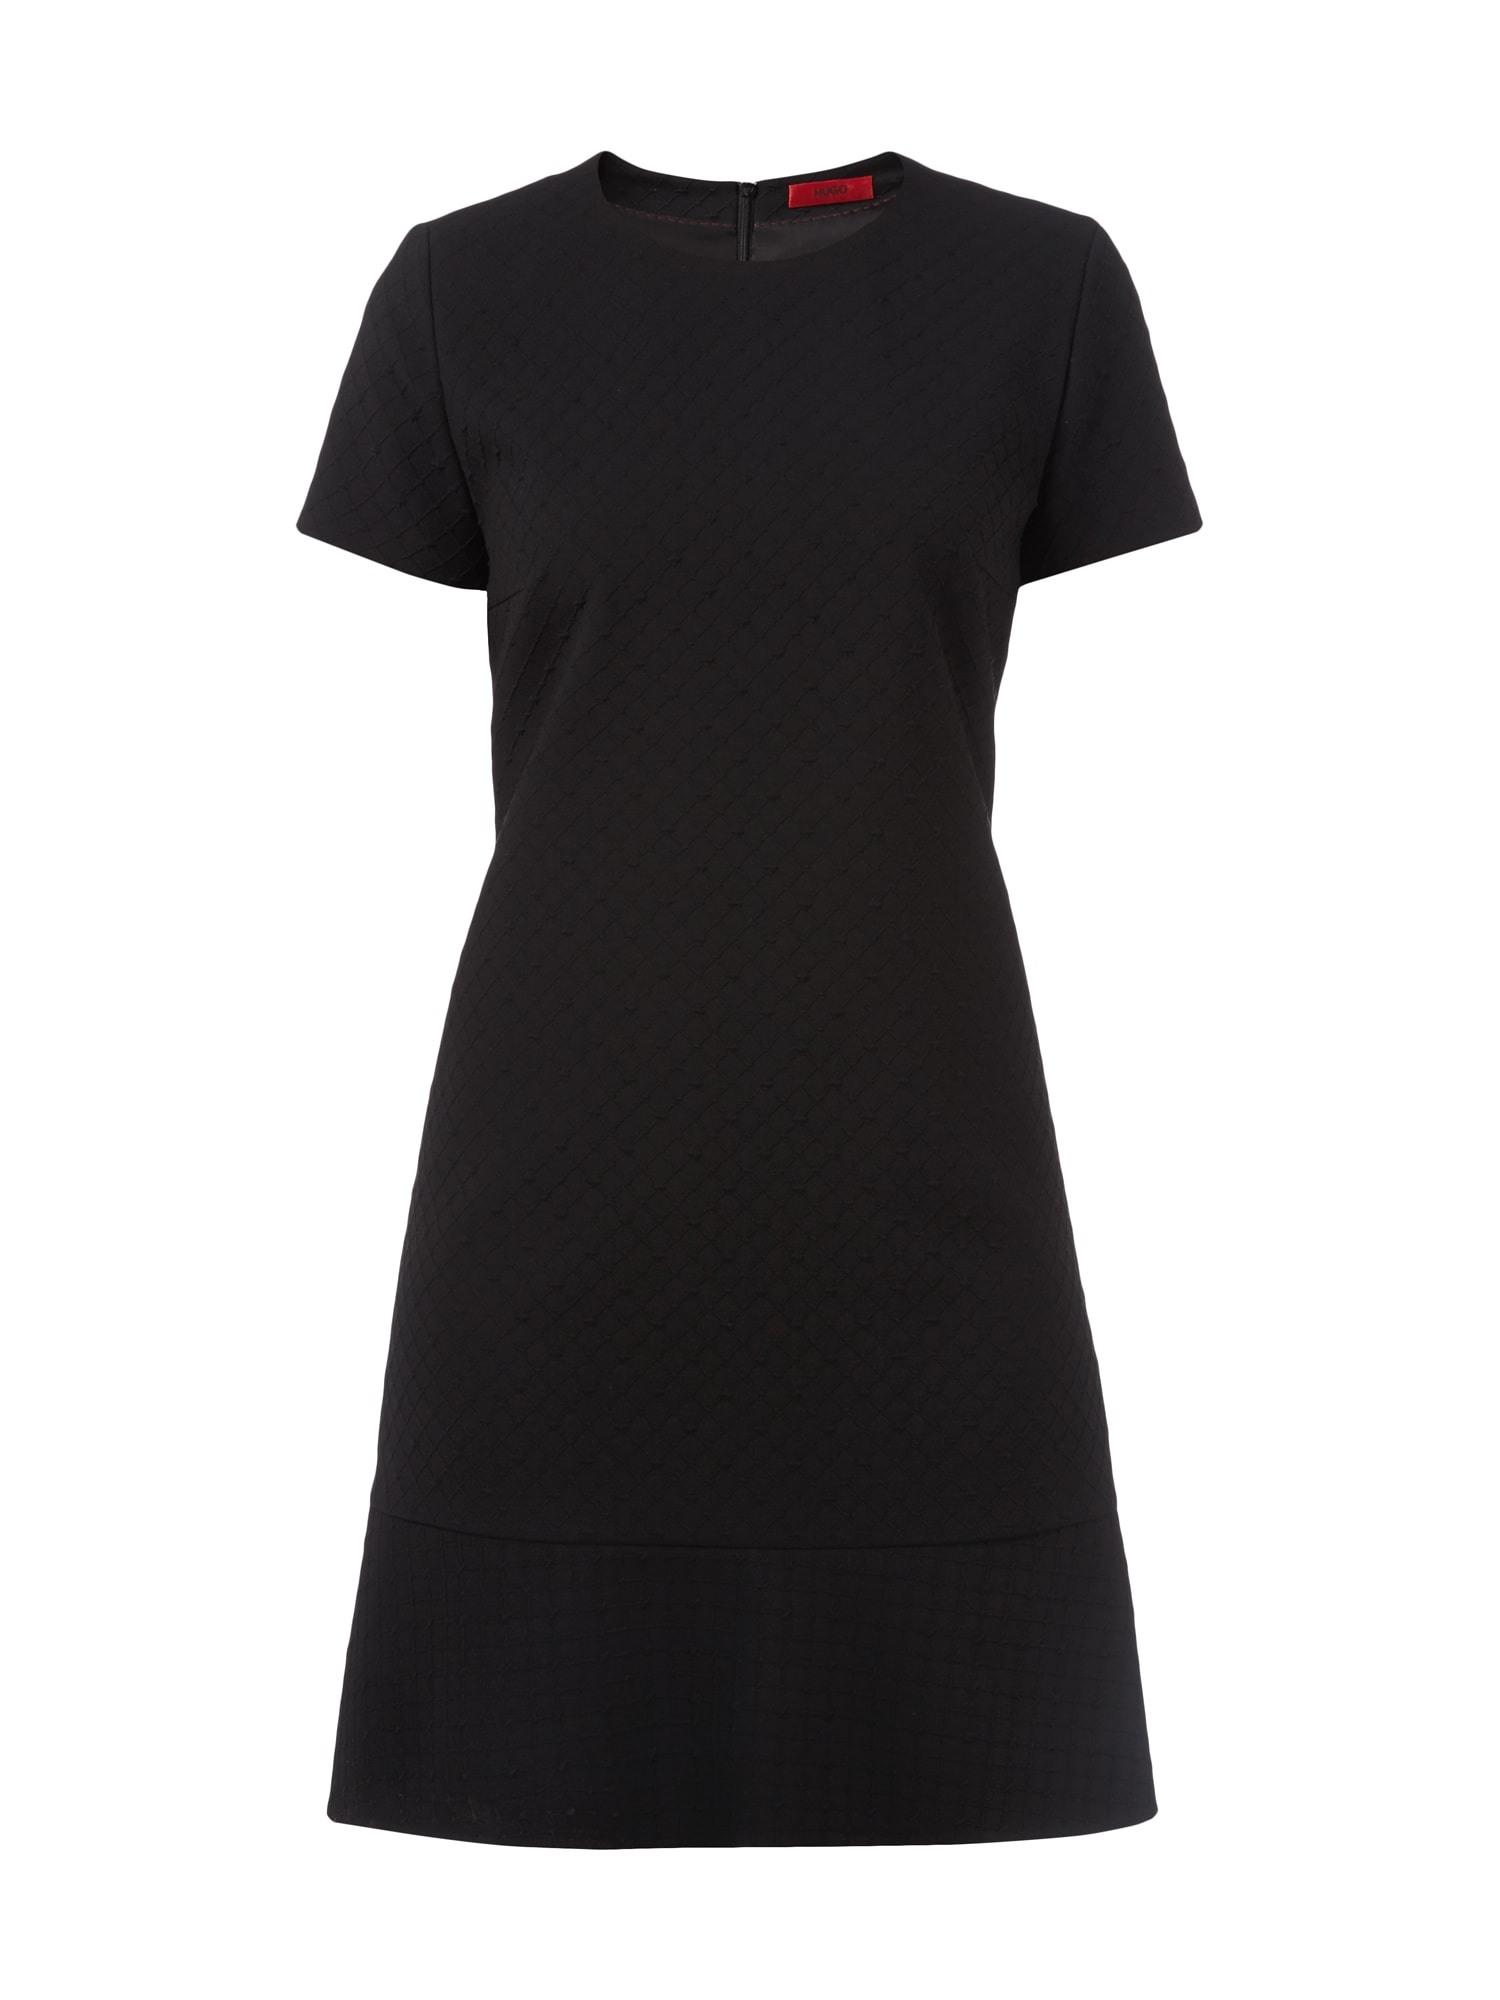 20 Spektakulär Damen Kleider Schwarz VertriebAbend Wunderbar Damen Kleider Schwarz Vertrieb